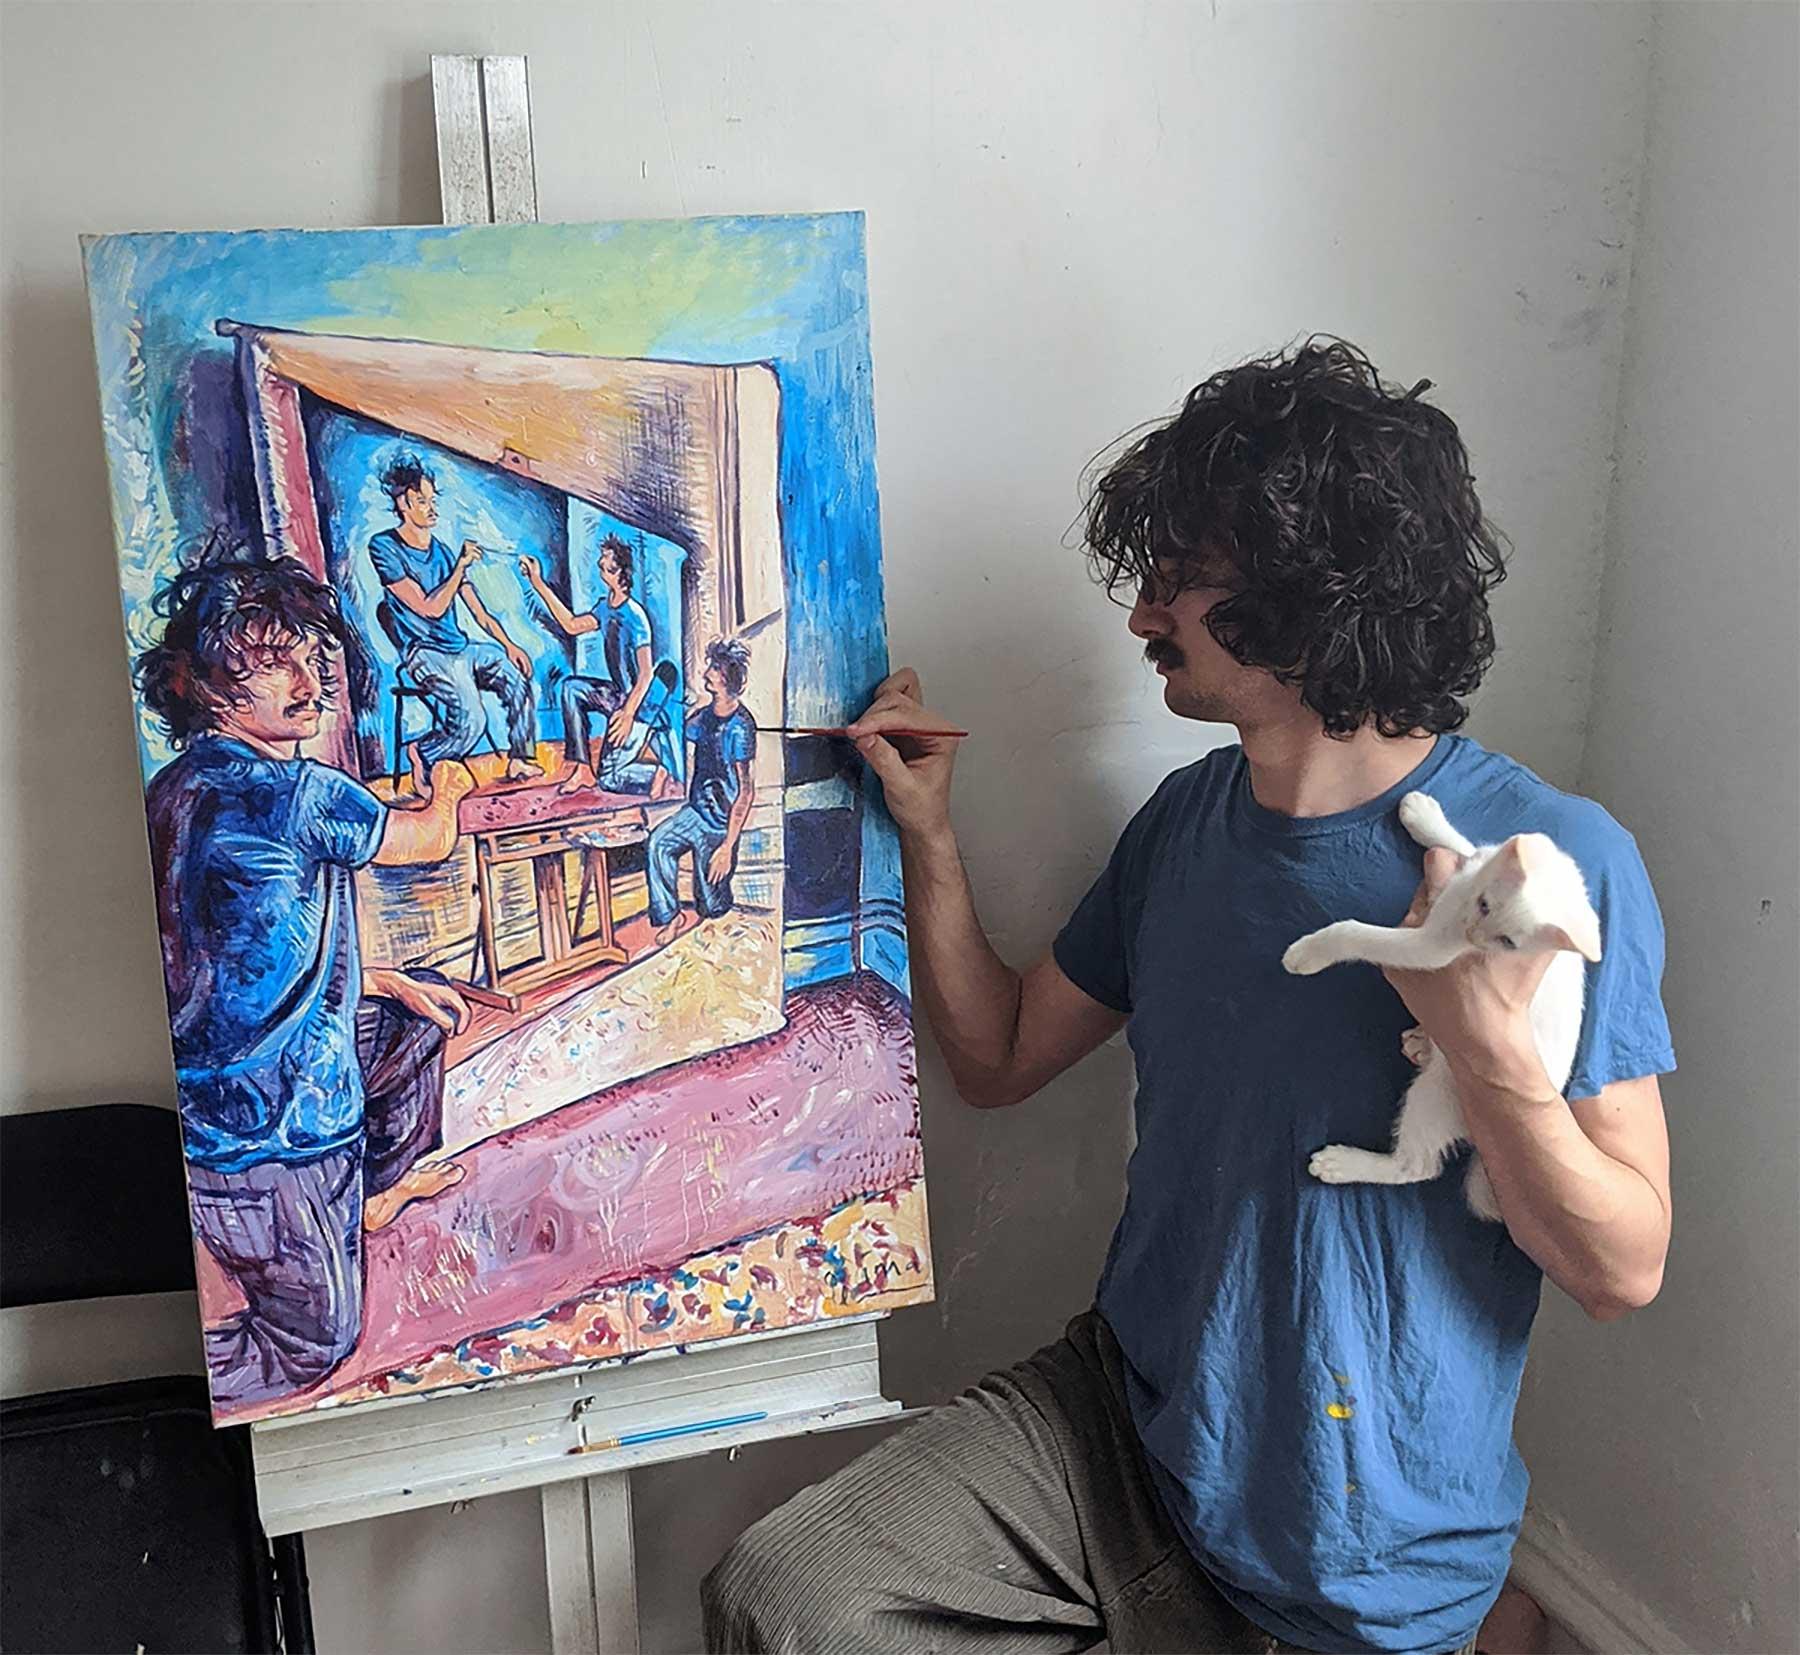 Seamus Wray malt sich, wie er sich malt, wie er sich malt, wie …